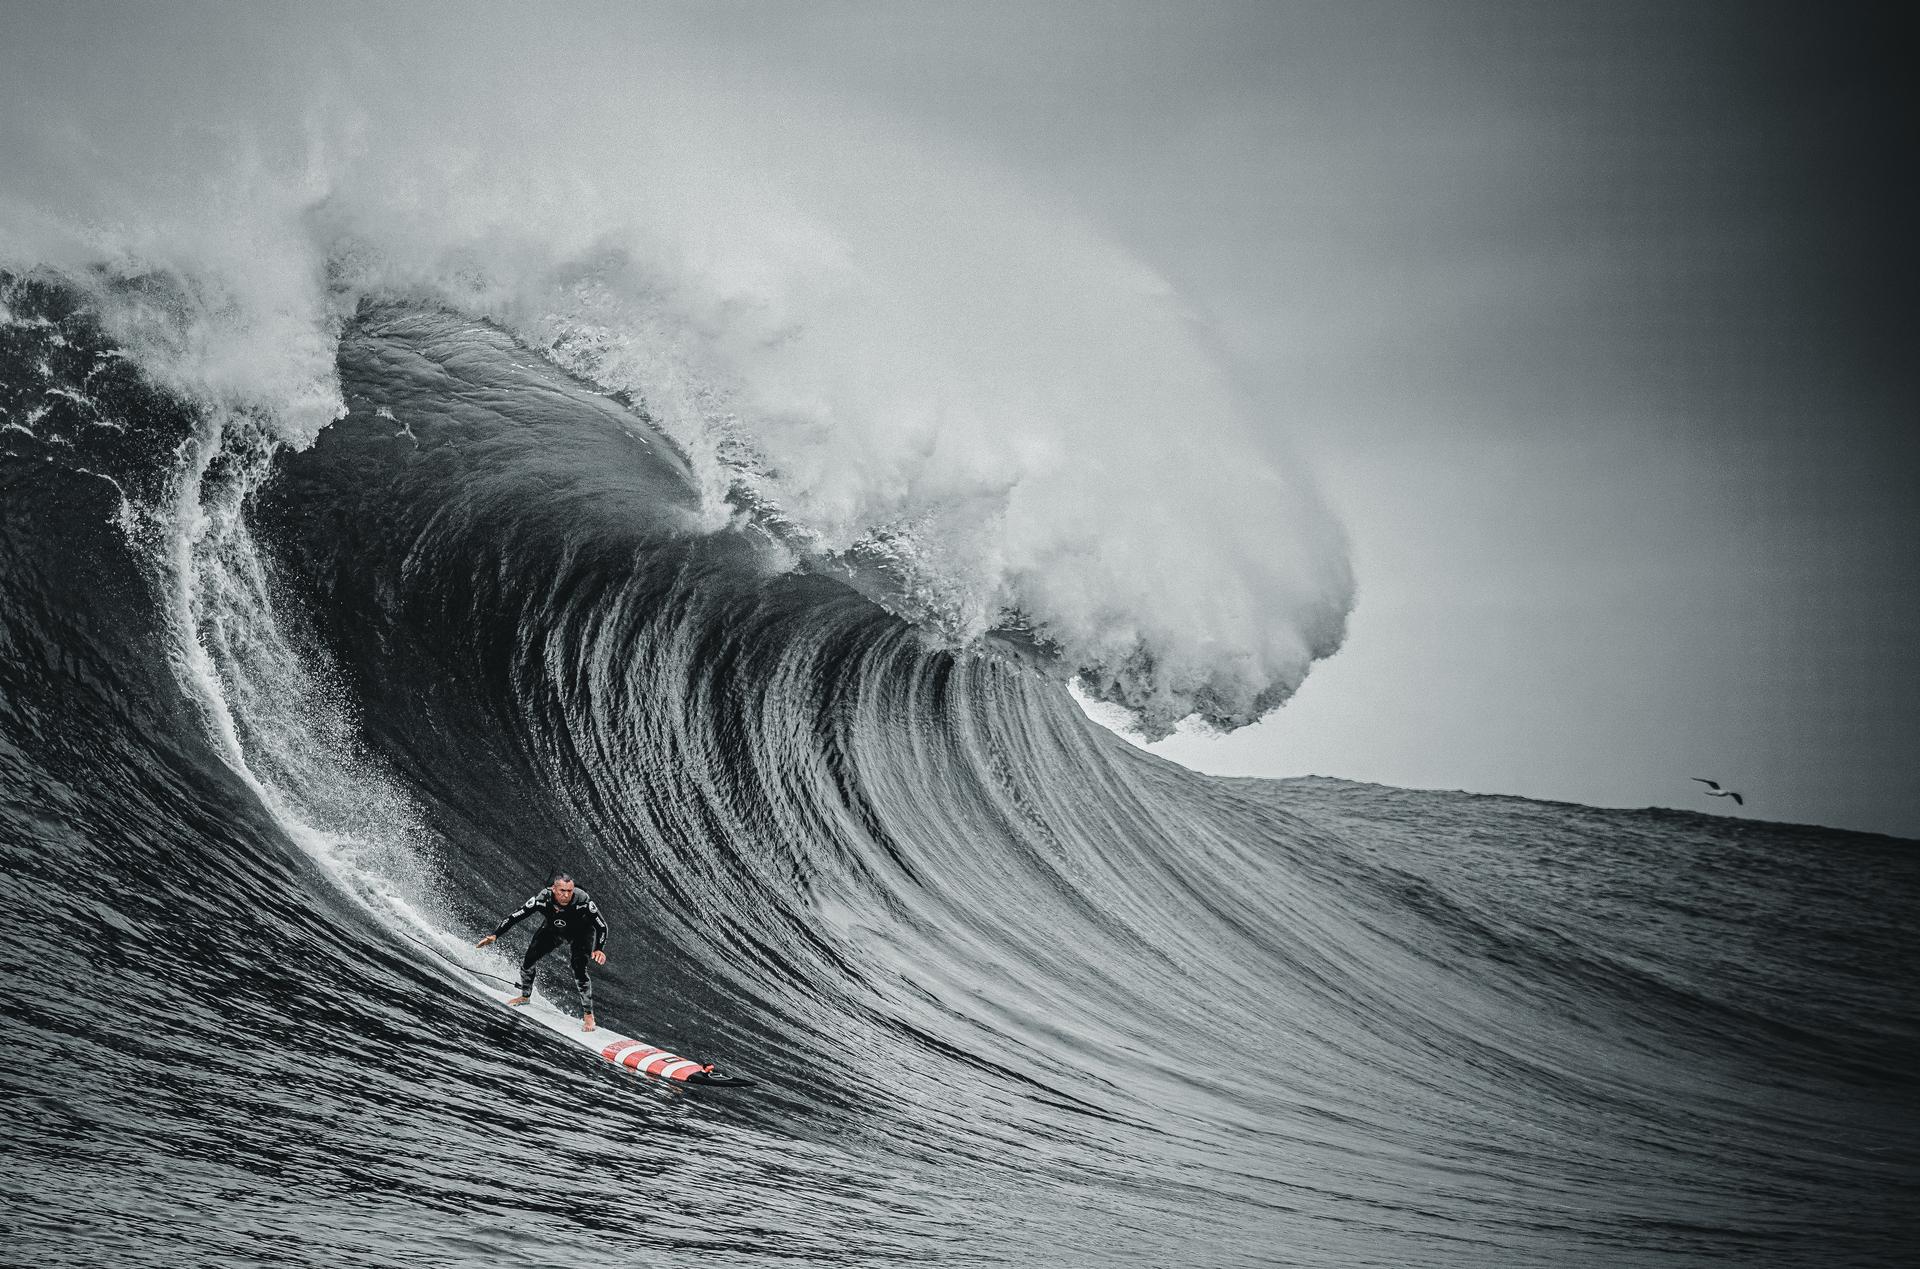 100-foot-wave_2.jpg